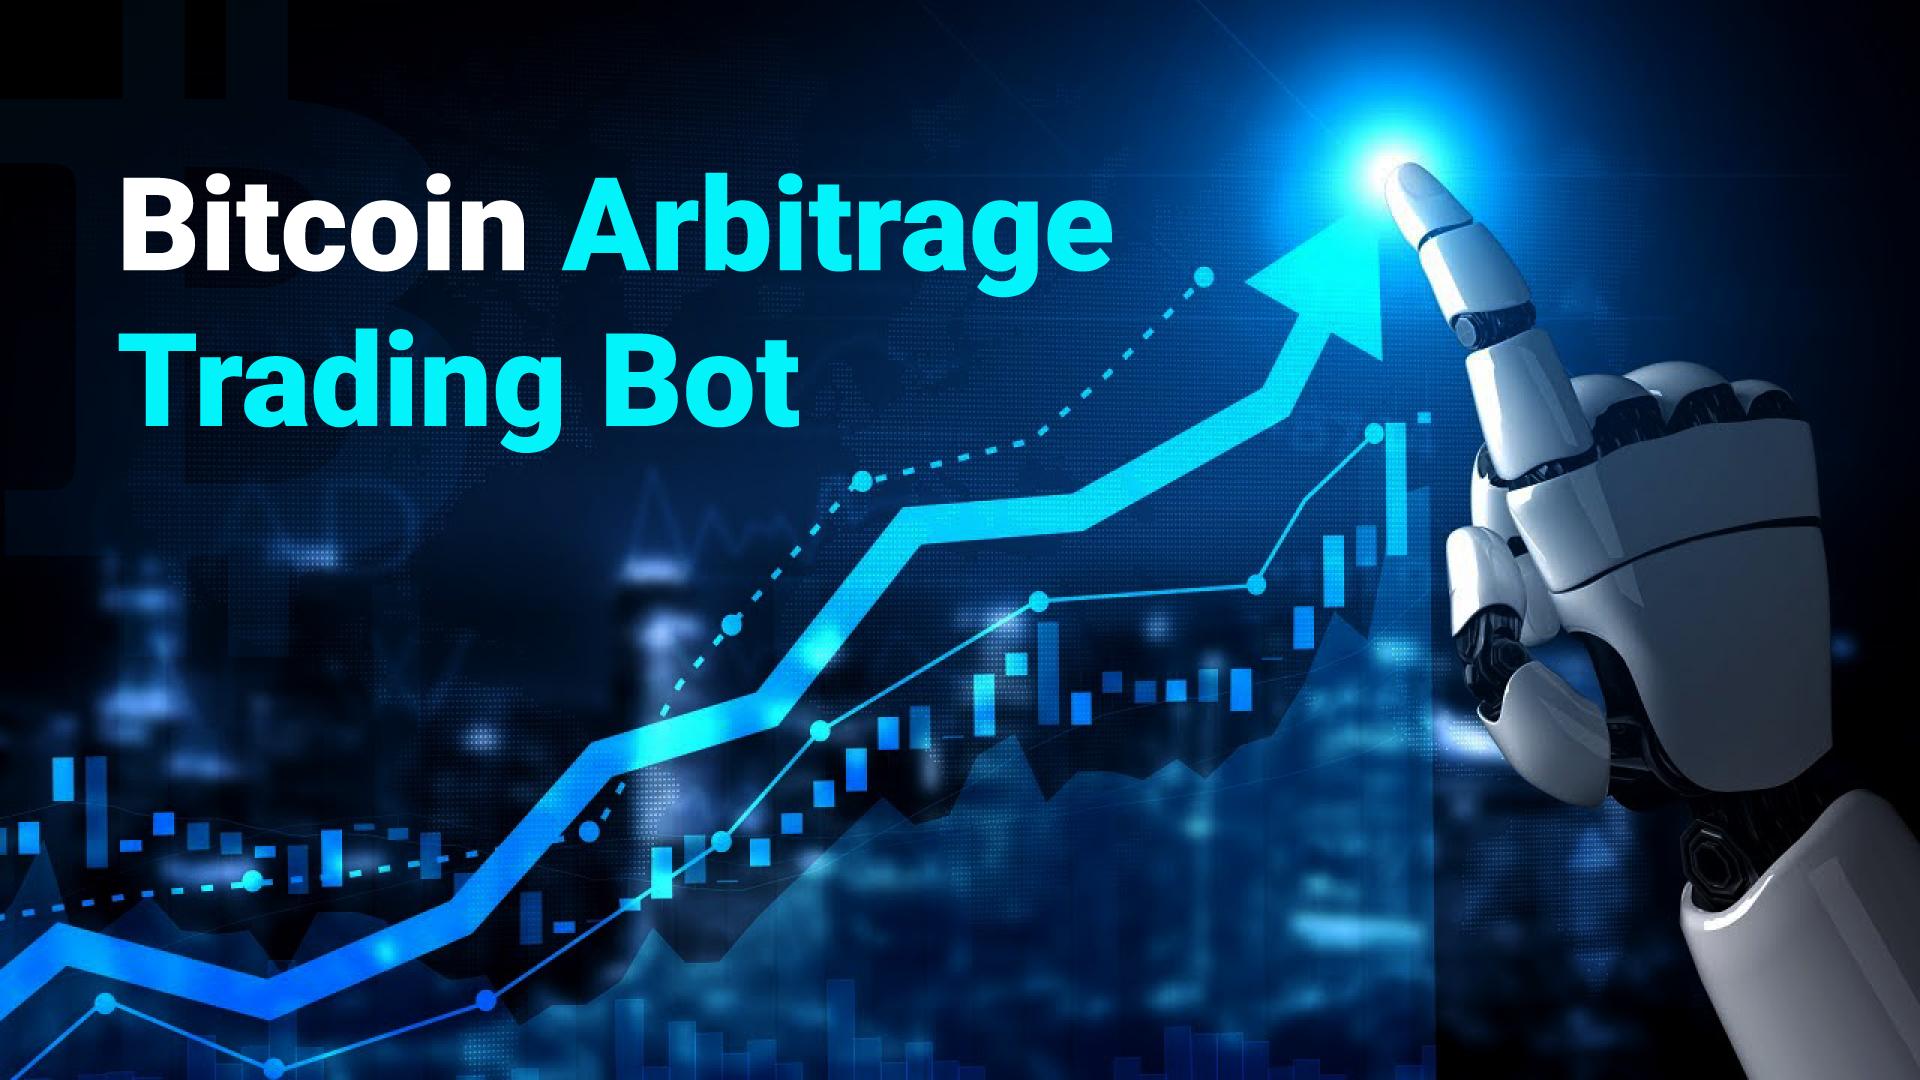 arbitrage trading bitcoin bot rand crypto trader